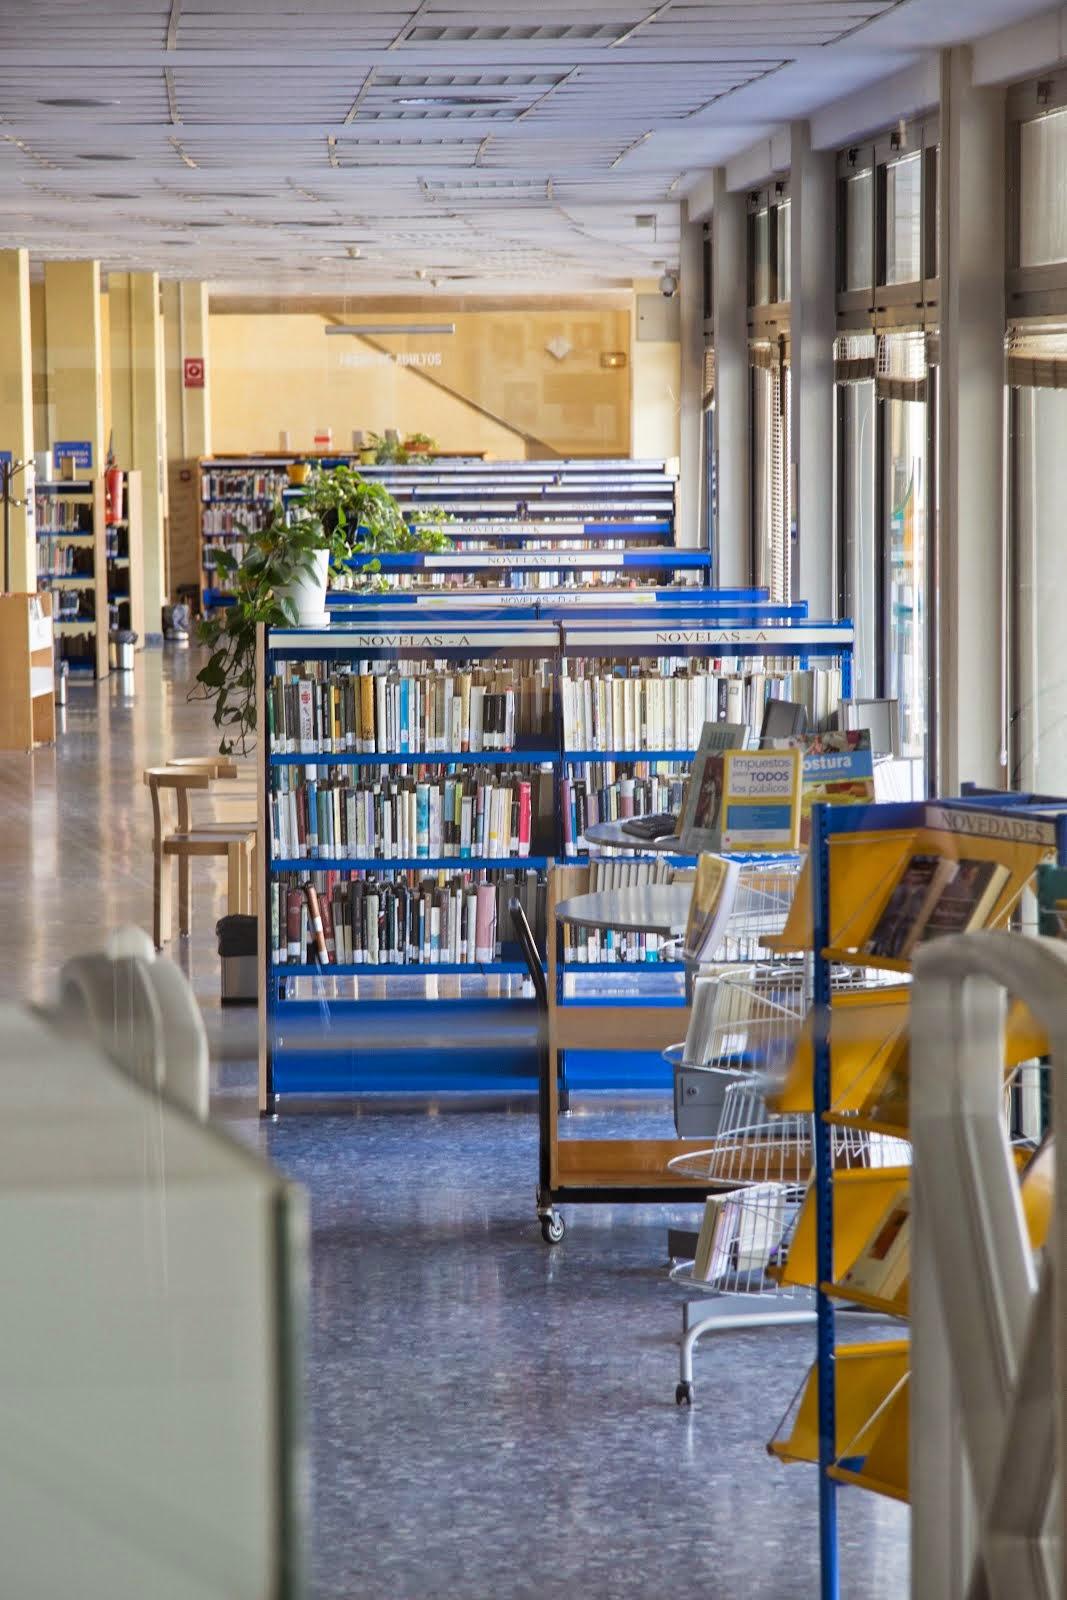 Edificio de la biblioteca